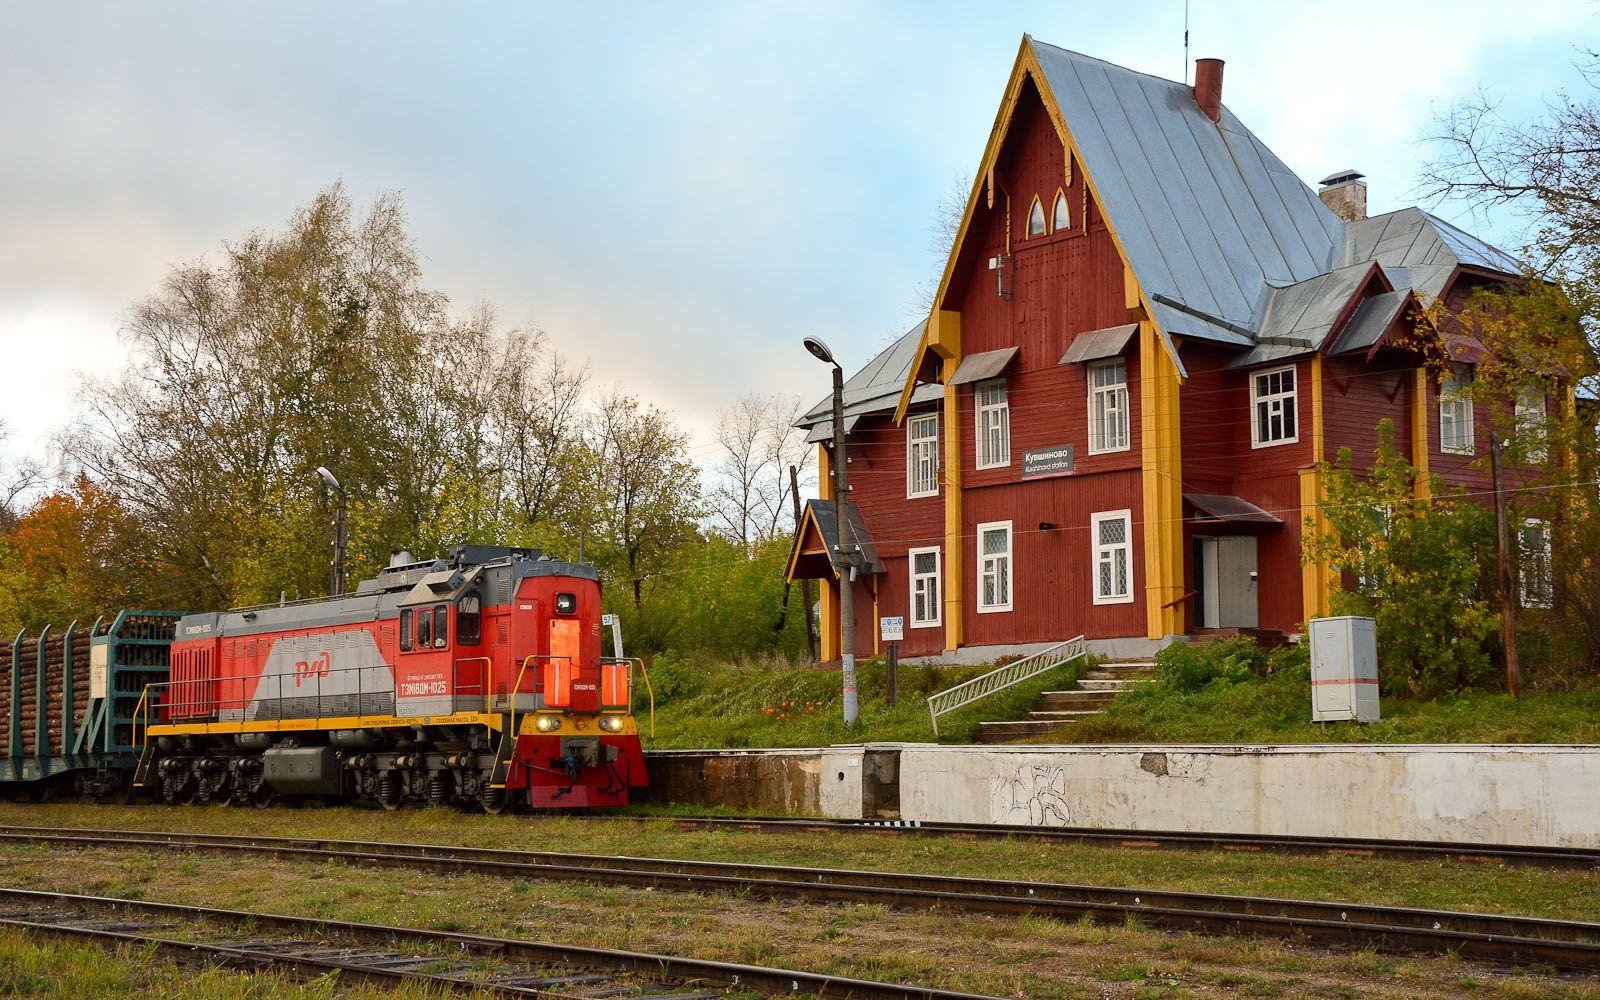 ©Foto: railmen Steffen Mann | TEM18DM-1025 mit Nahgüterzug im Bf Kuwschinowo | 28.09.2018